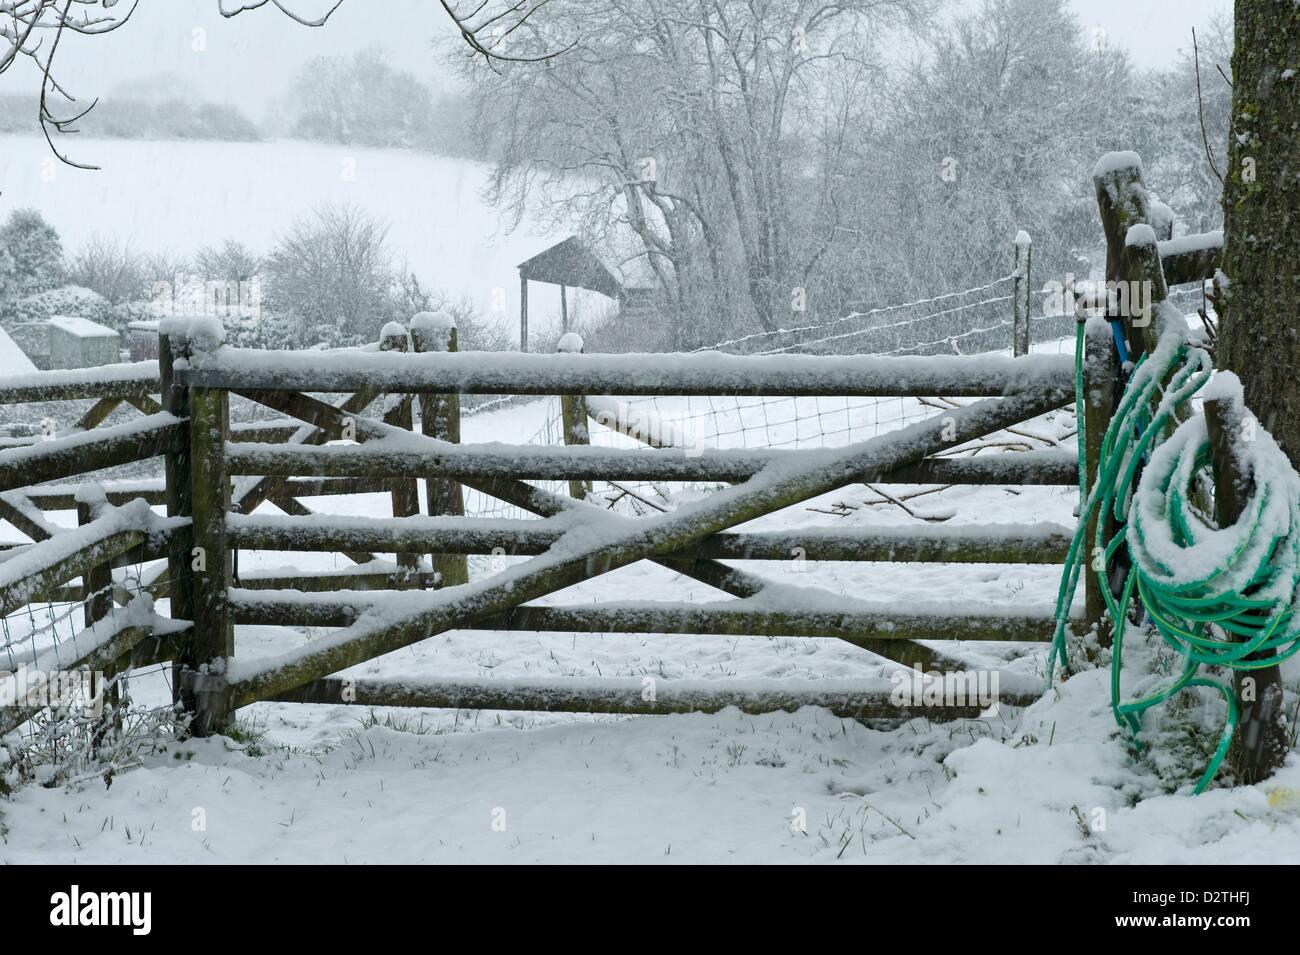 Field gate et d'un flexible pour fournir de l'eau pour le bétail dans une forte tempête de neige, Photo Stock